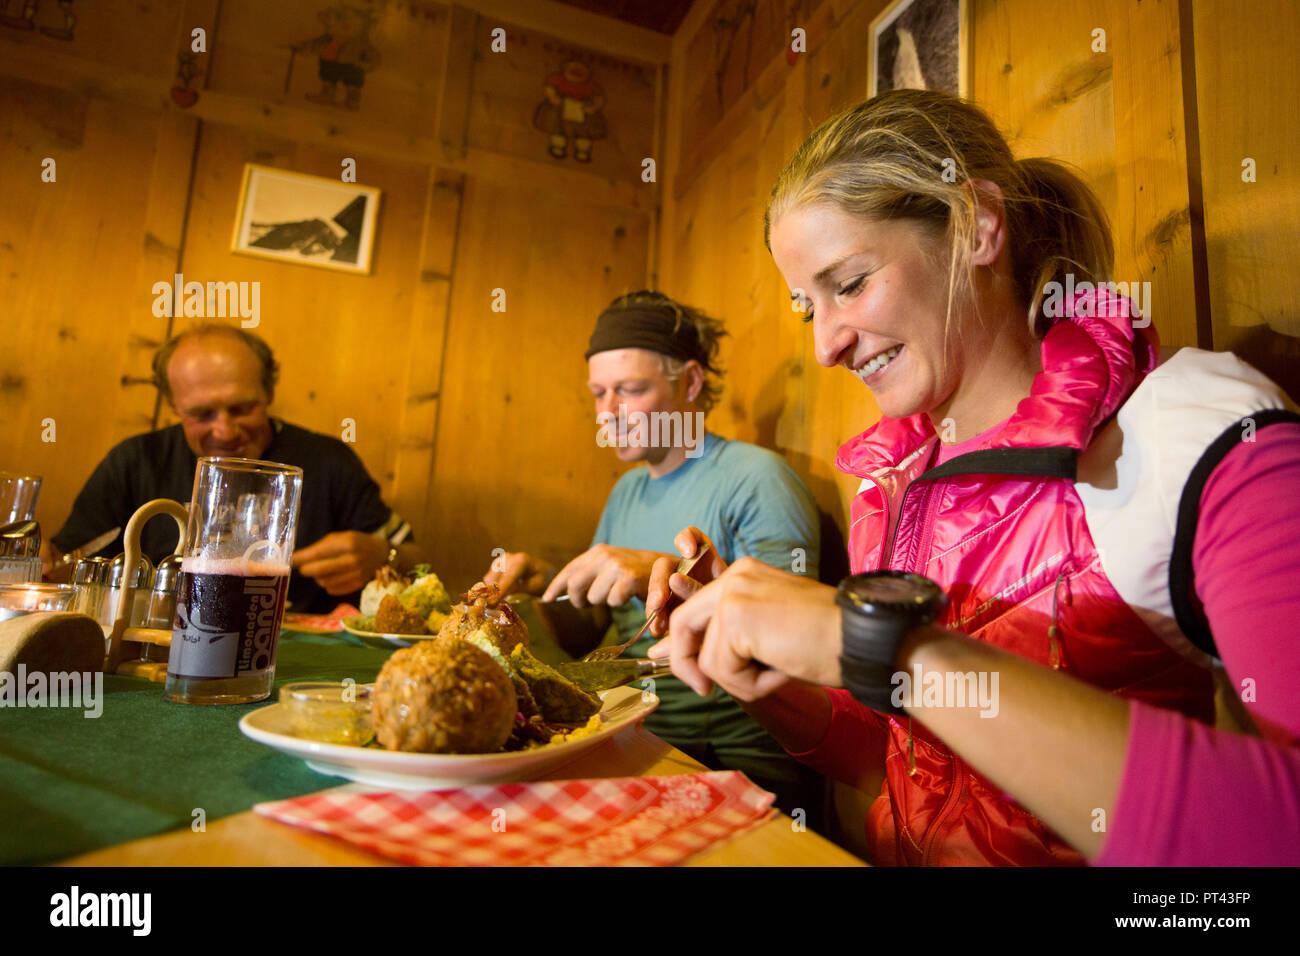 Bergsteiger an Tiroler Spezialitäten in den Kaunergrat Hütte Kaunergrat, Ötztaler Alpen, Tirol, Österreich Stockbild